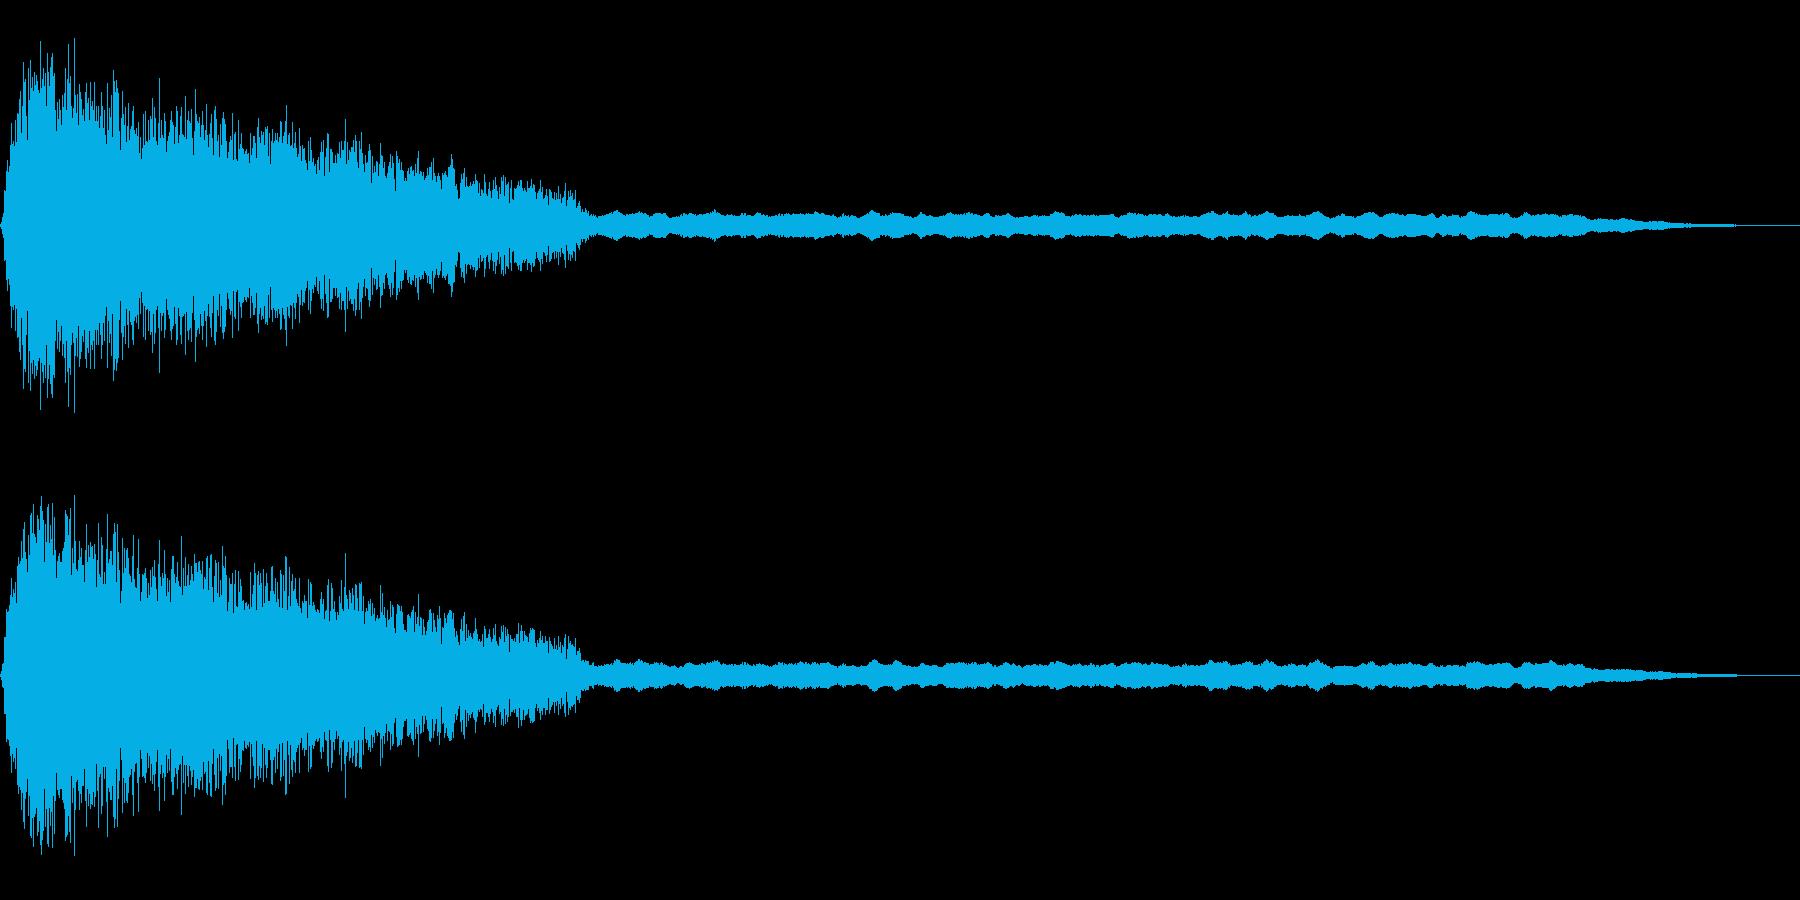 闇の世界やブラックホール的な持続音の再生済みの波形